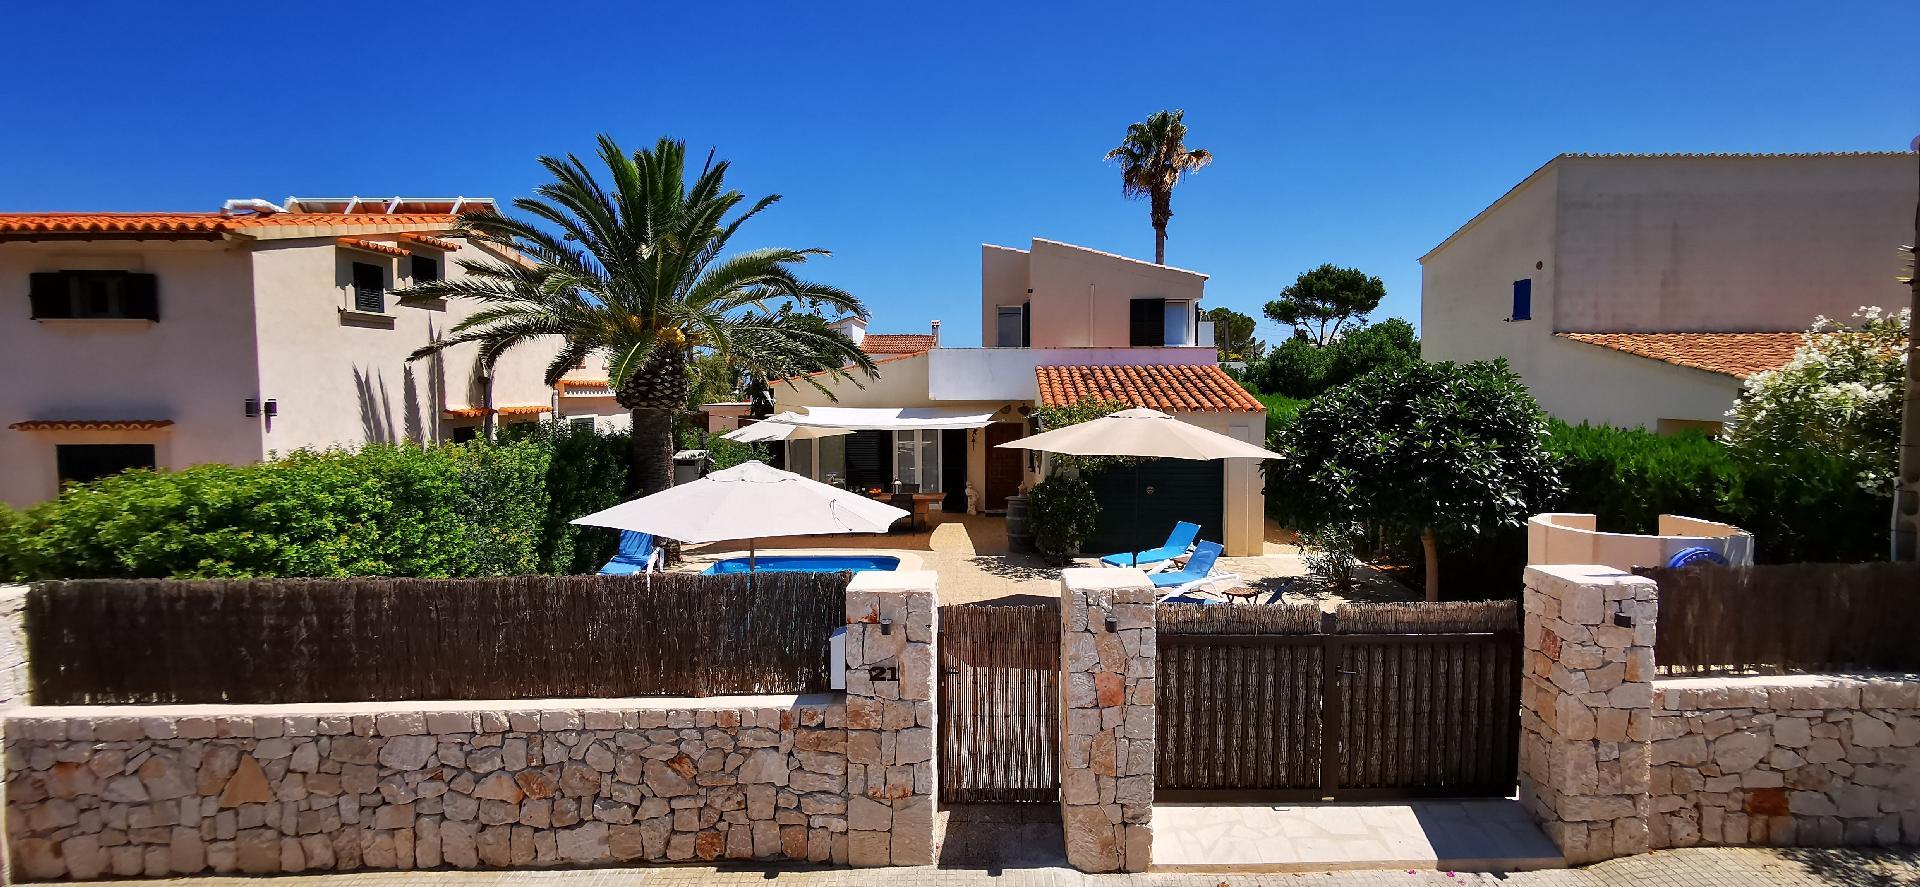 Ferienhaus mit Privatpool für 6 Personen 2 Kinder ca 129 m² in Cala Llombards Mallorca Südostküste von Mallorca